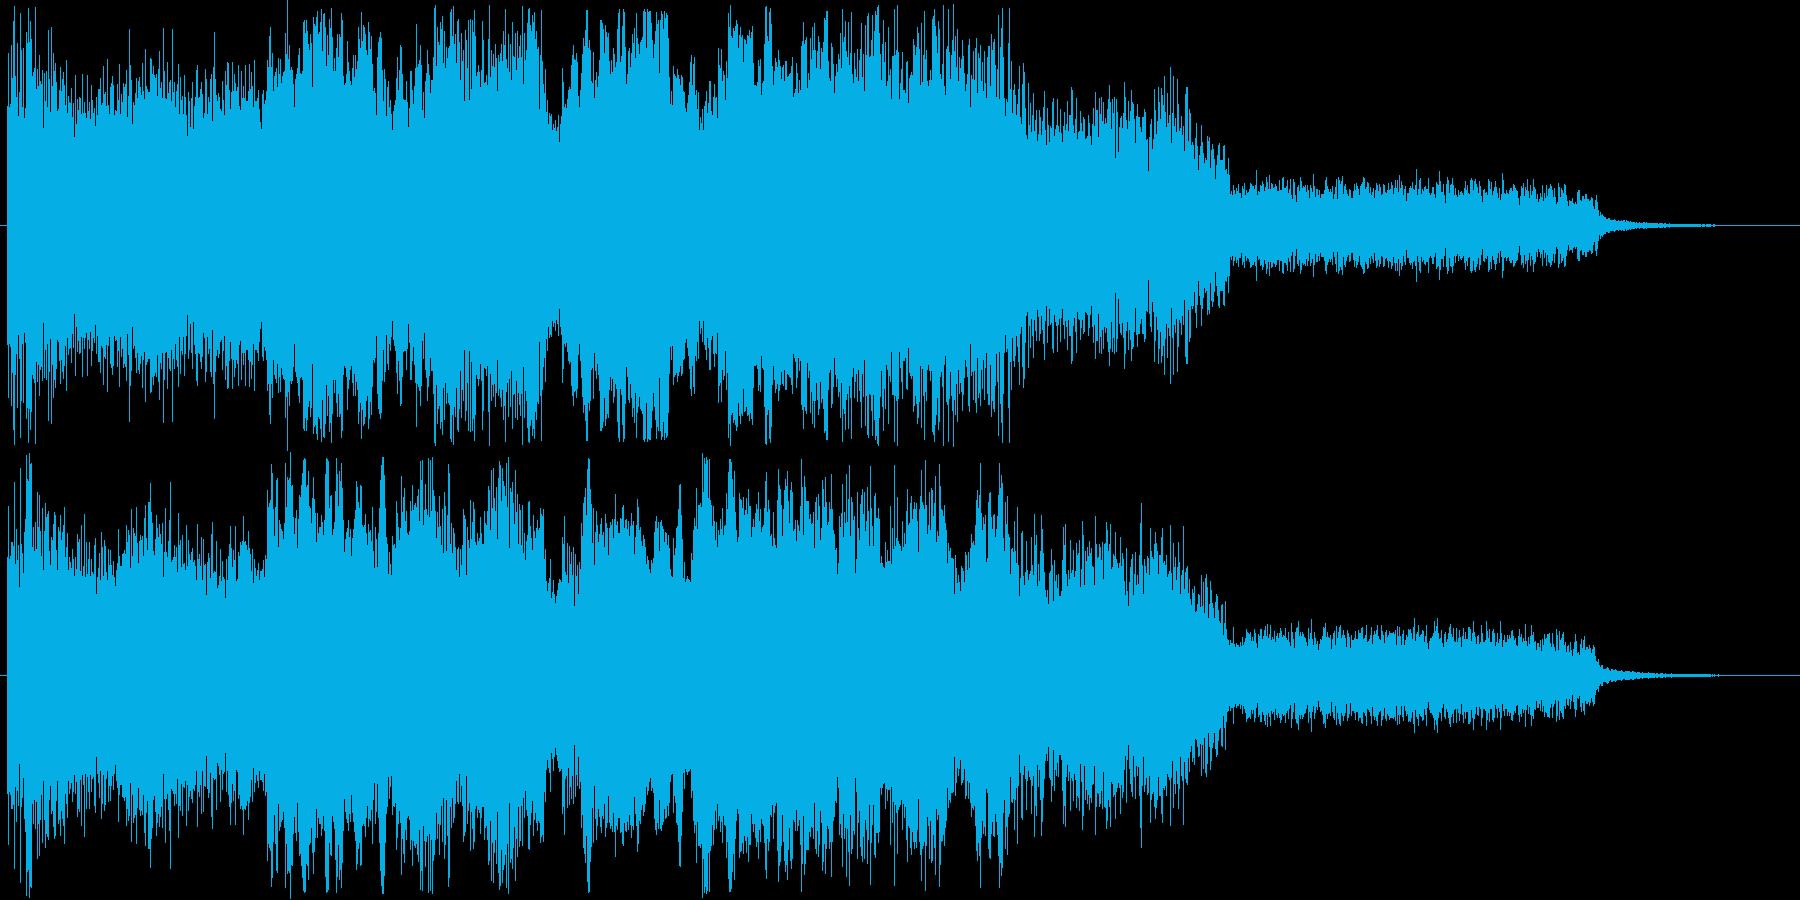 勇猛なイメージのオーケストラの再生済みの波形